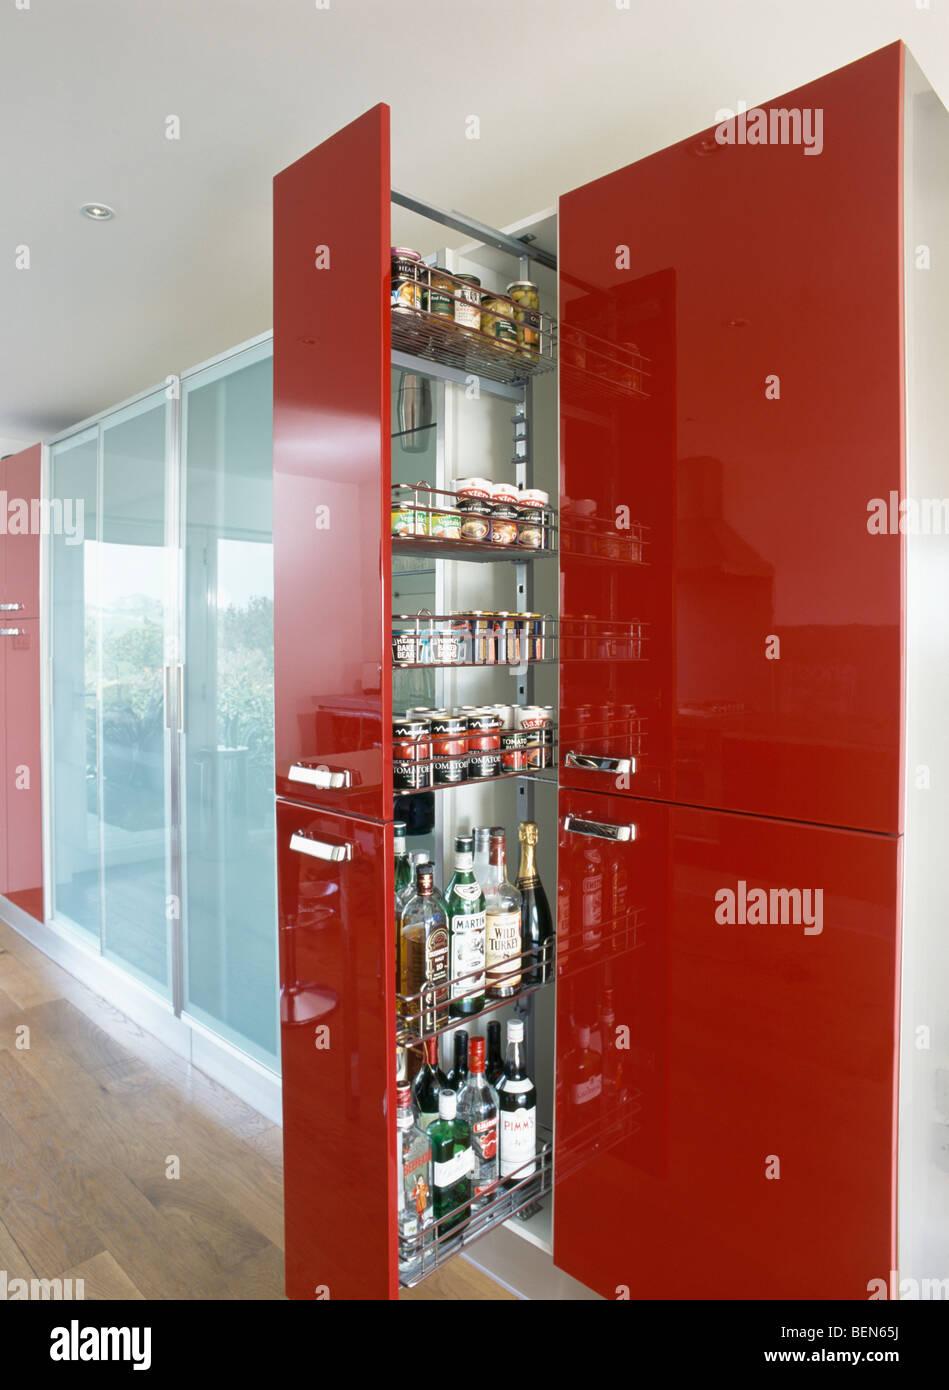 Ausziehbare Ablagen In Roten Vorratsschrank Schrank In Modernen